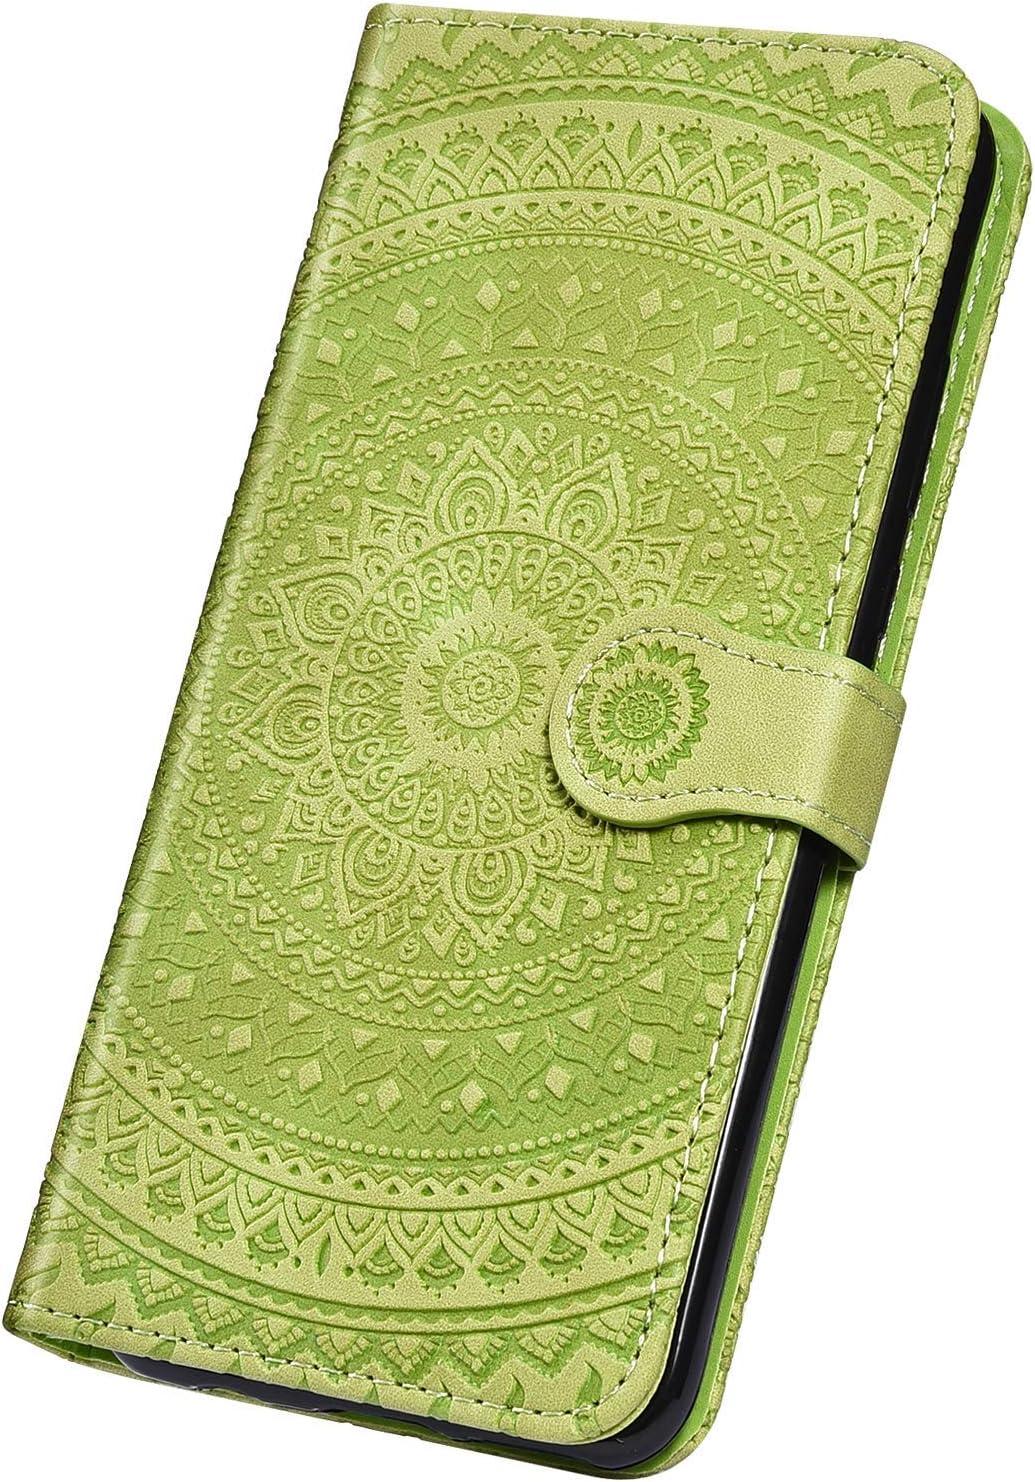 Surakey PU Leder H/ülle f/ür Samsung Galaxy A40 Handyh/ülle Schutzh/ülle Retro Mandala Blumen PU Leder Brieftasche Flip Case Wallet Tasche Ledertasche Handytasche St/änder Kartenf/ächer,Rot